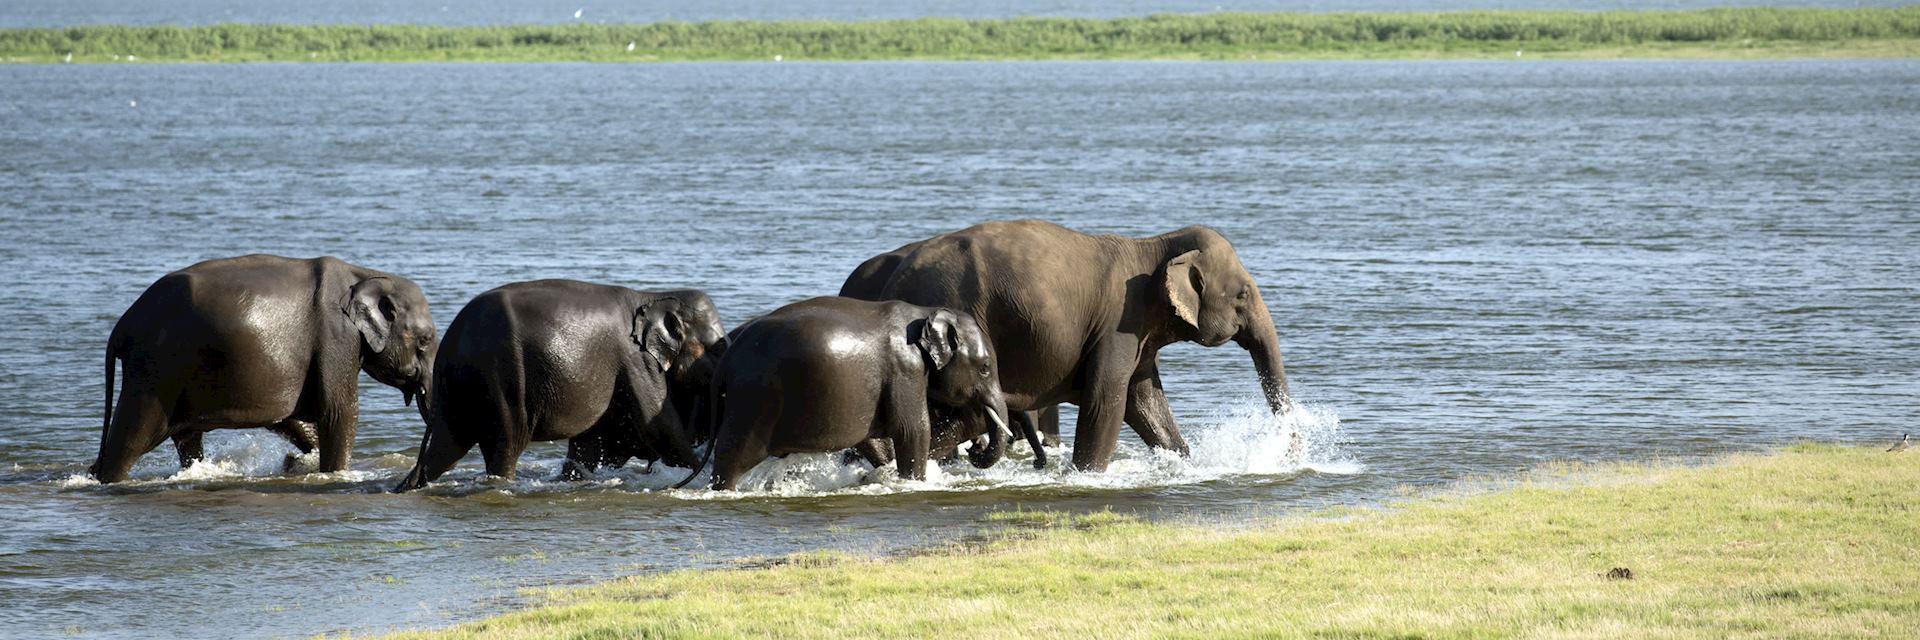 Asian elephants crossing a river in Sri Lanka